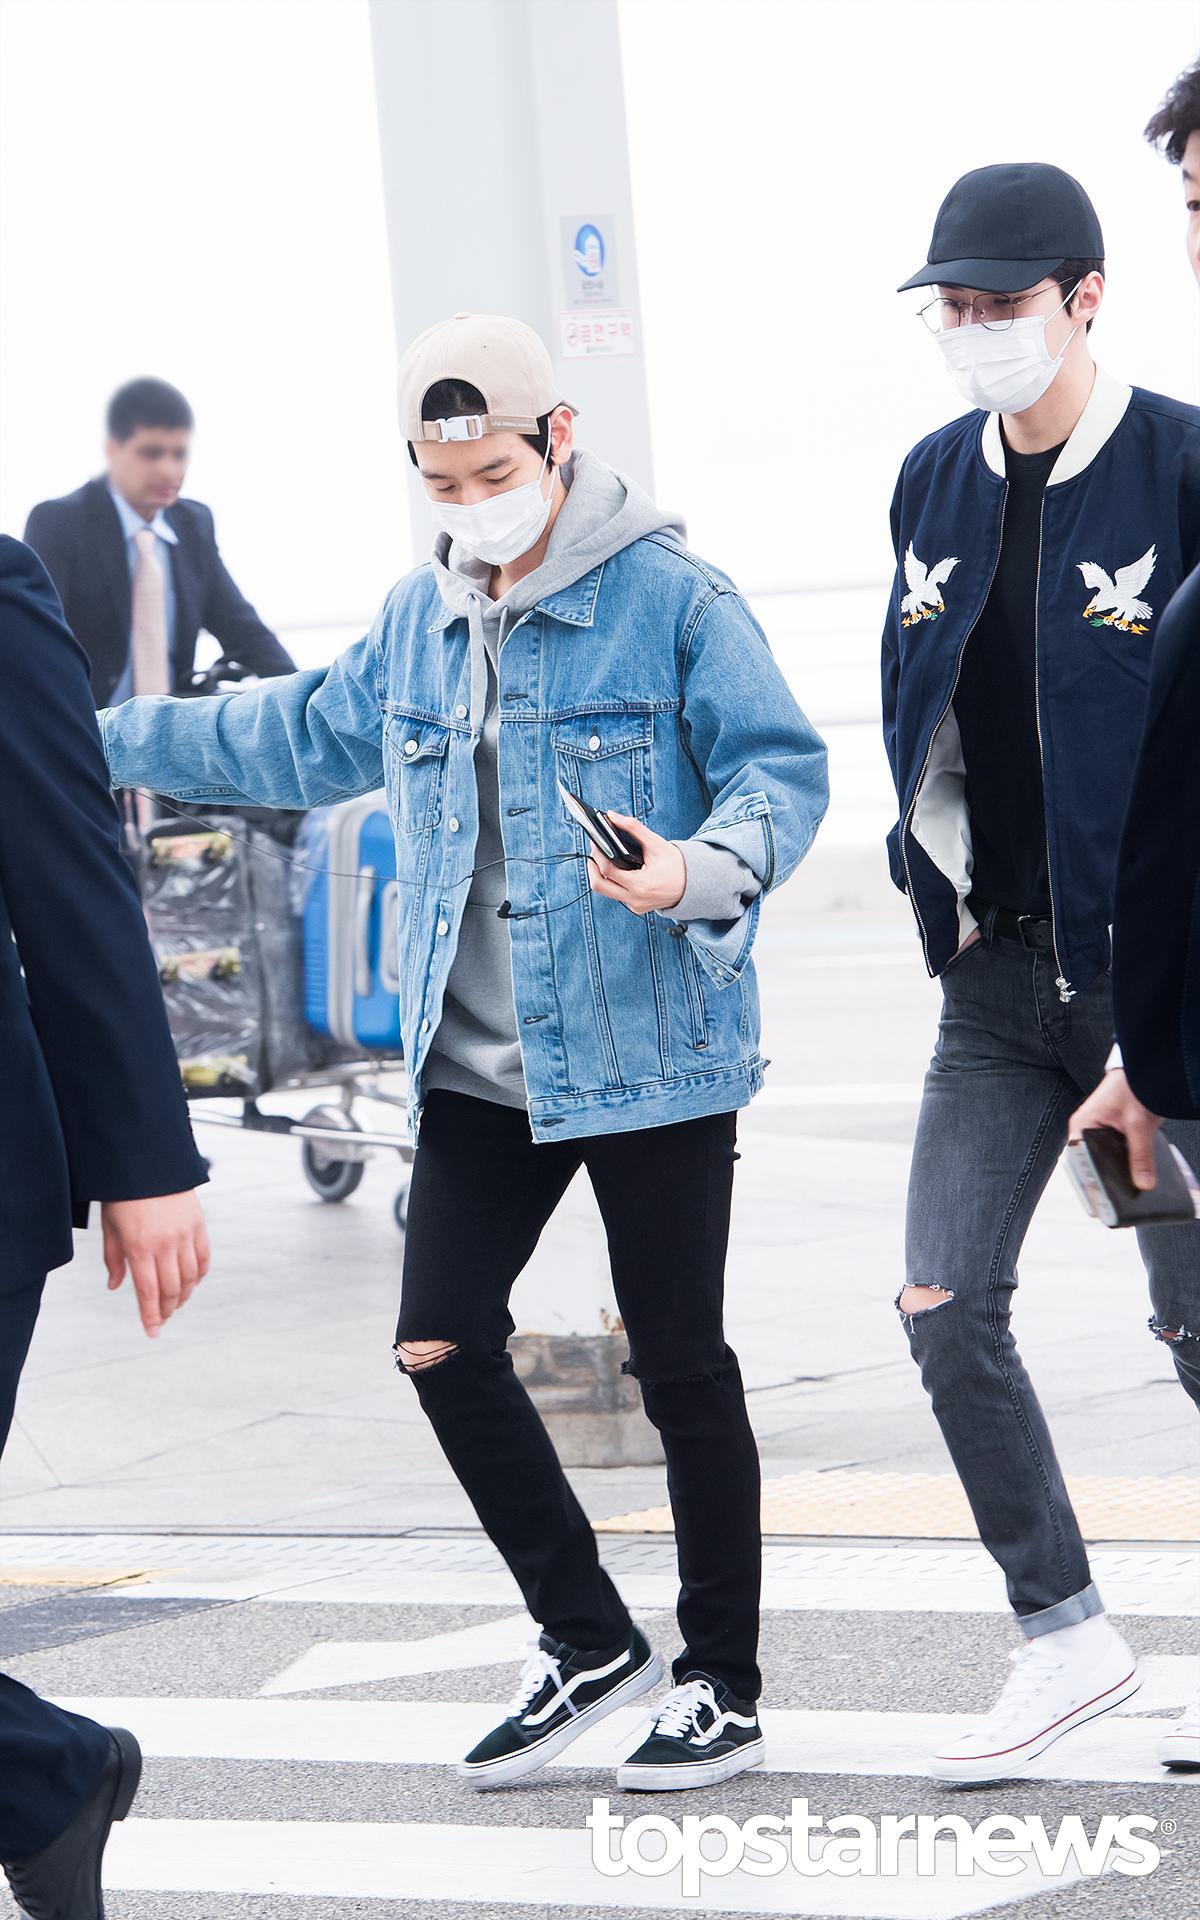 ▲ 牛仔外套 既然說到NCT了,就一起介紹一下師兄EXO們的牛仔外套示範吧!伯賢內搭帽踢的穿法,完全可愛啊~